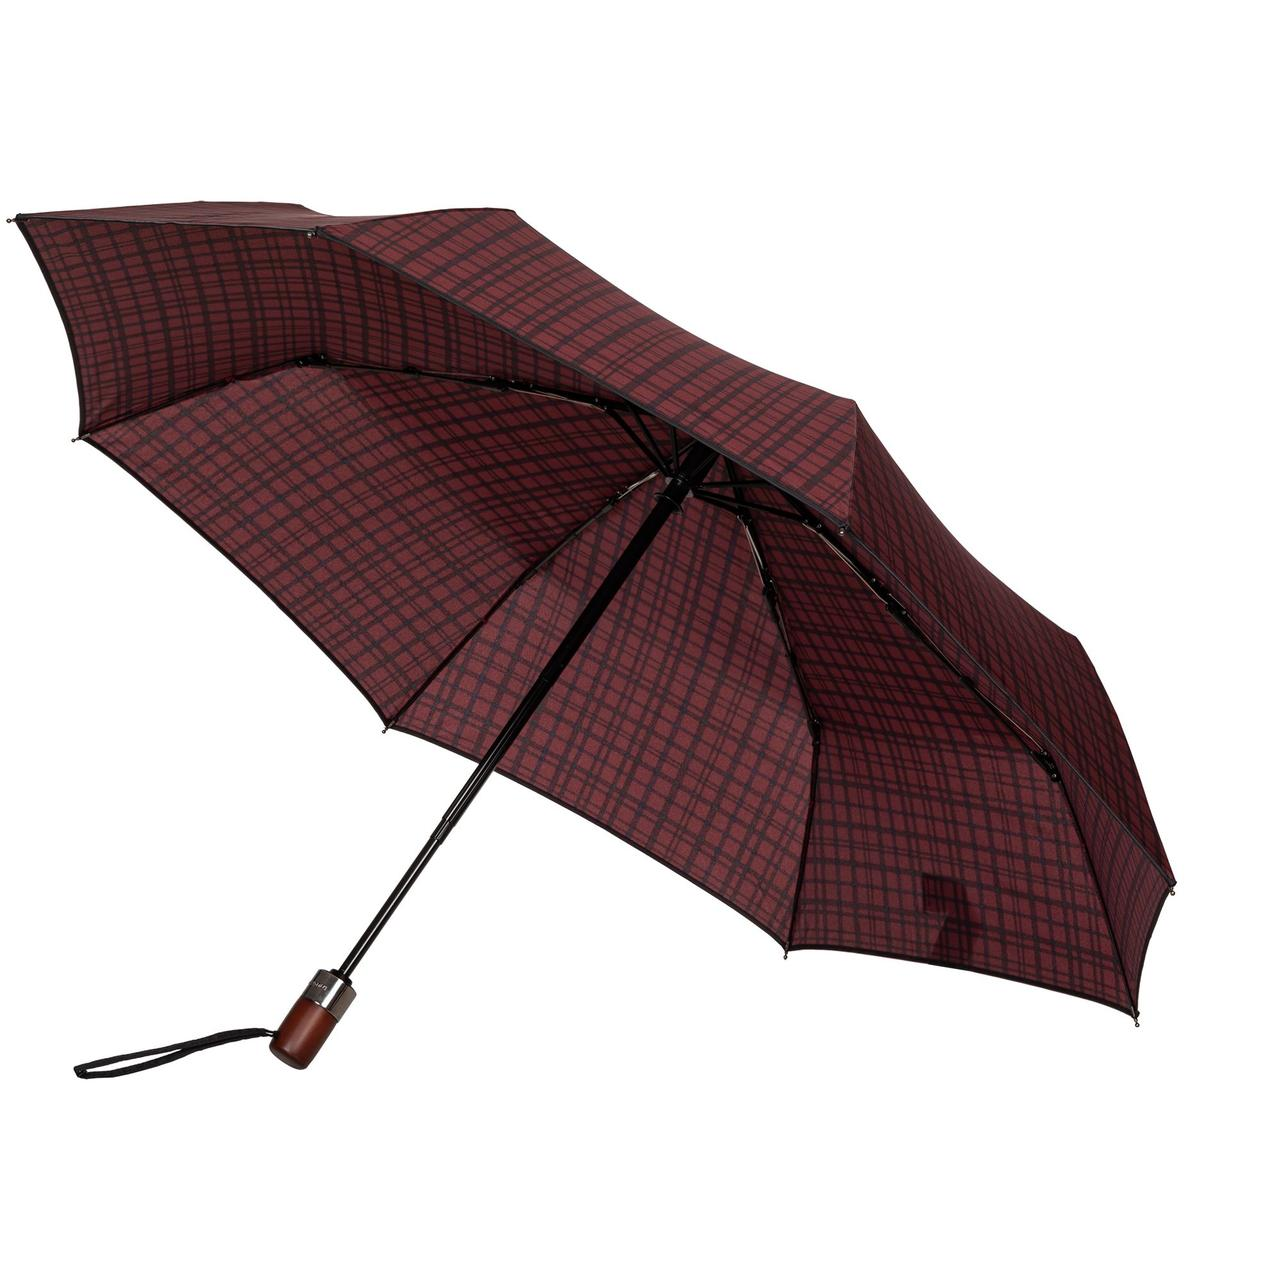 Складной зонт Wood Classic S с прямой ручкой, красный в клетку